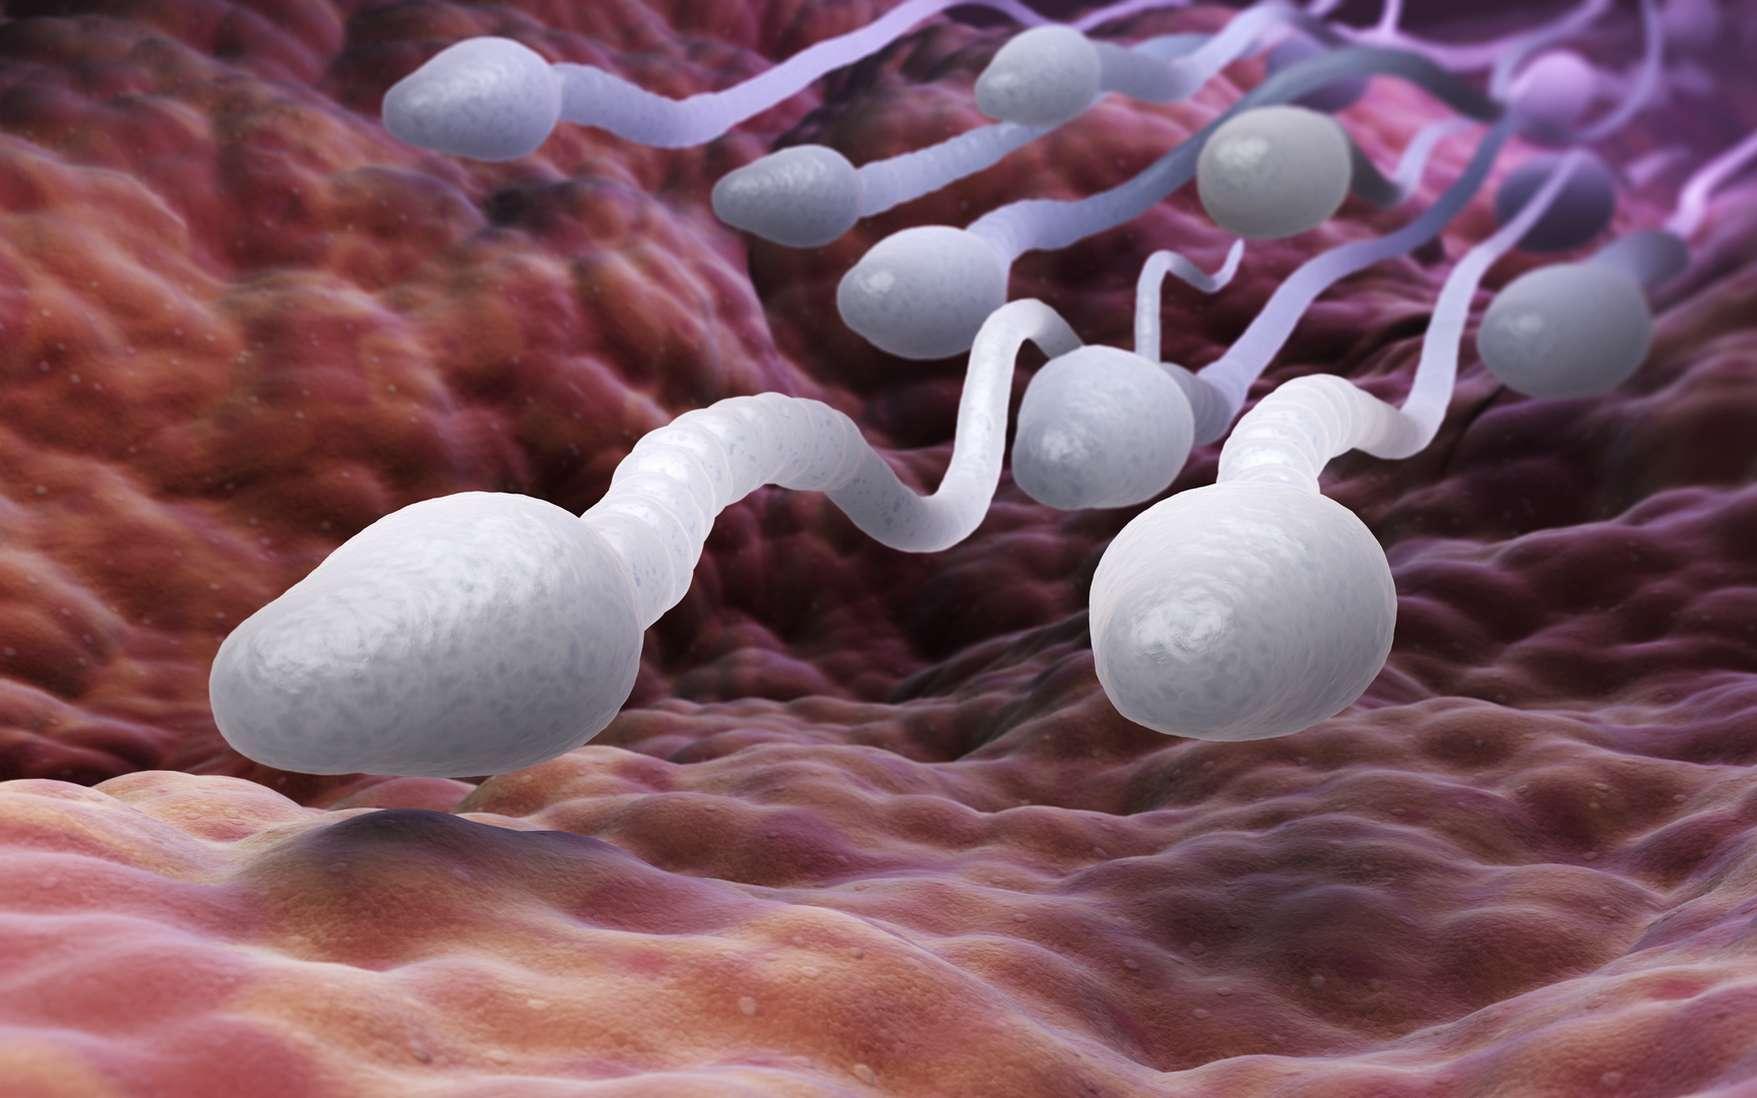 La concentration en spermatozoïdes du sperme a baissé de 52,4 % entre 1973 et 2011. © Tatiana Shepeleva, fotolia